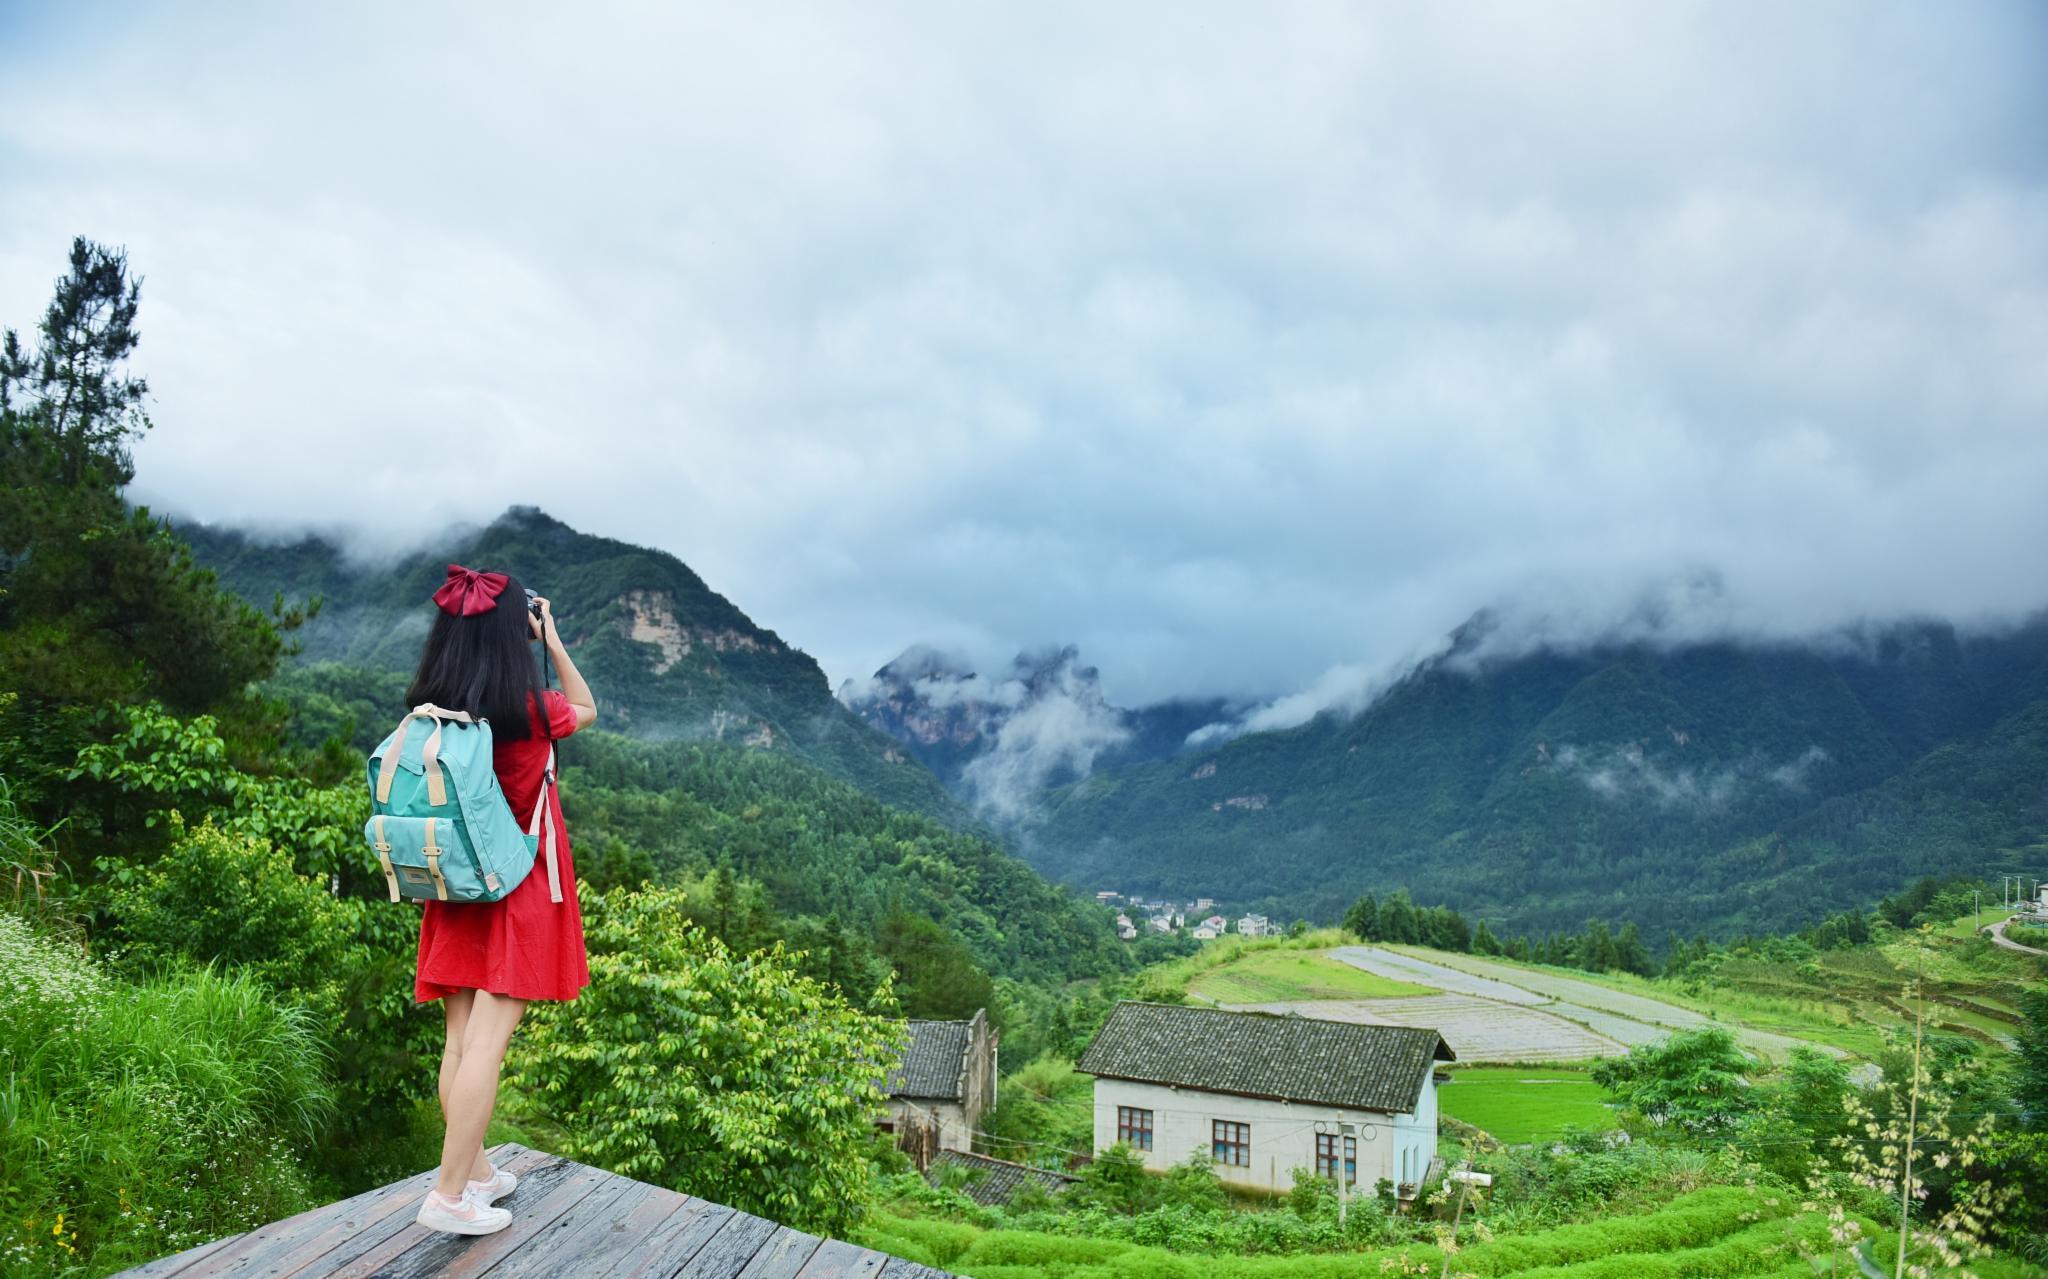 三天假,想躲进云里、山里、武陵源的梦里~